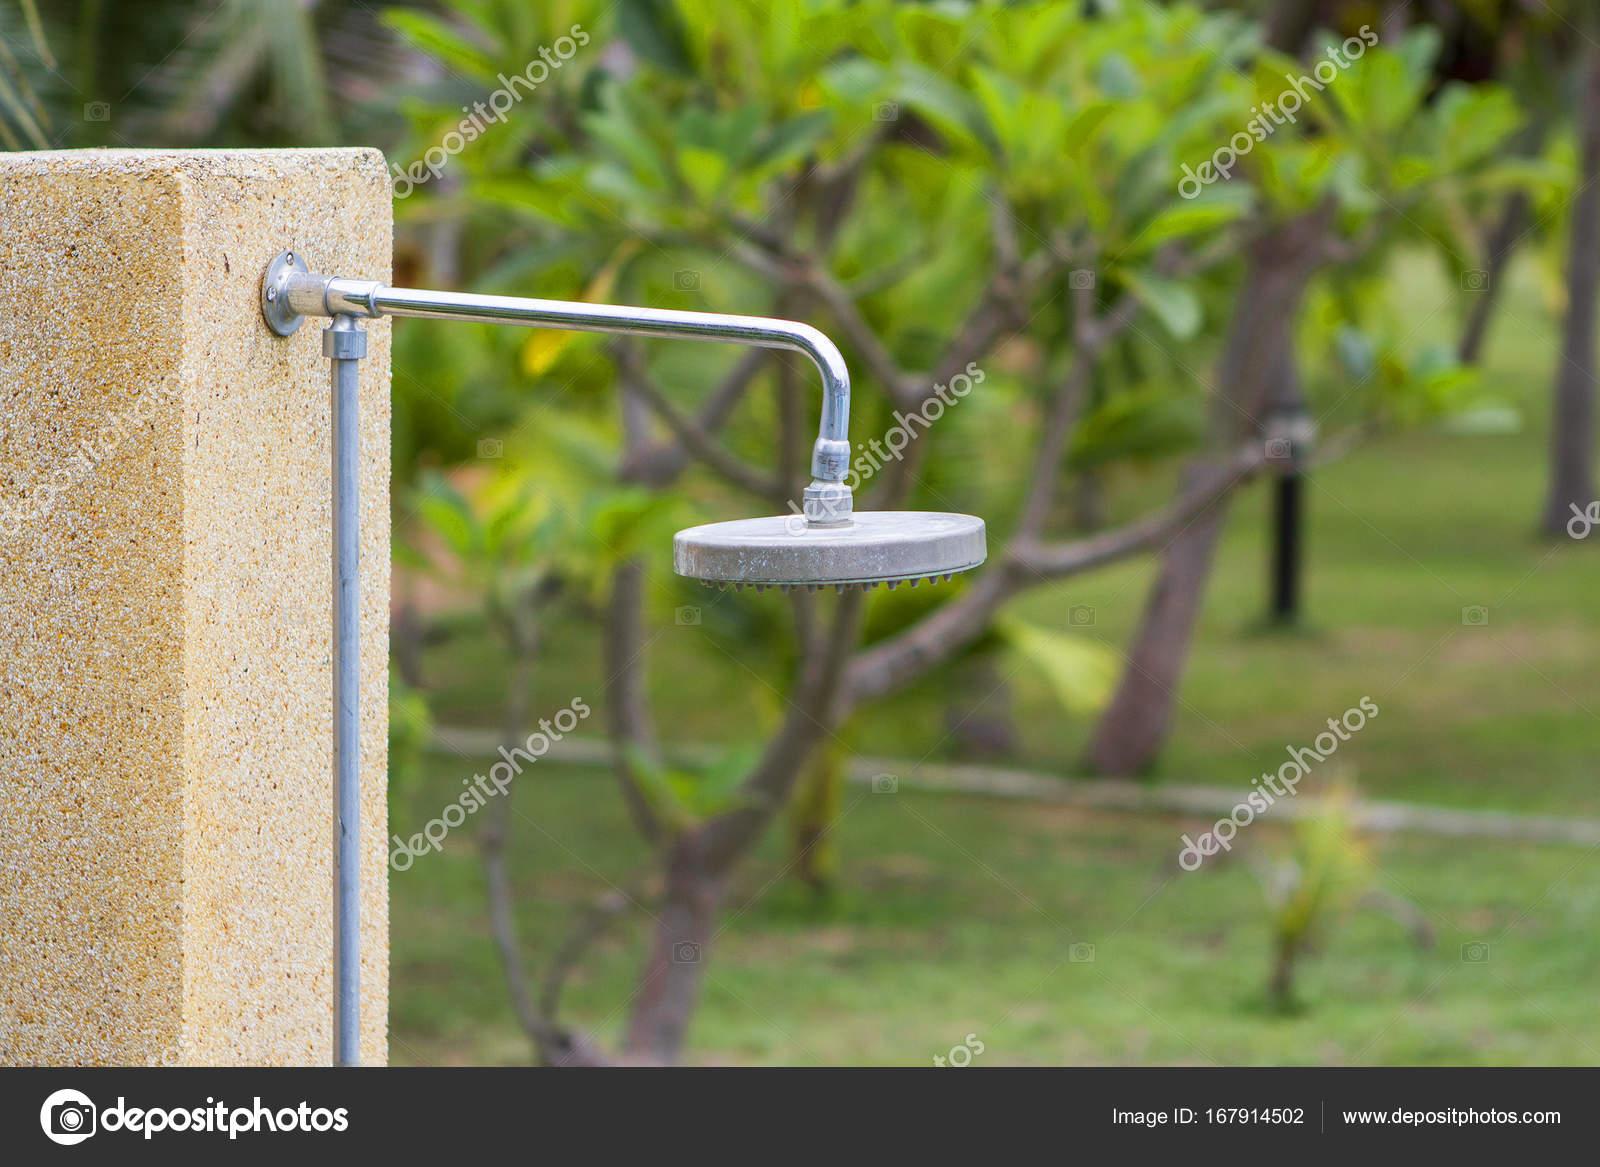 Aussendusche Im Garten Stockfoto C Takerwalker 167914502